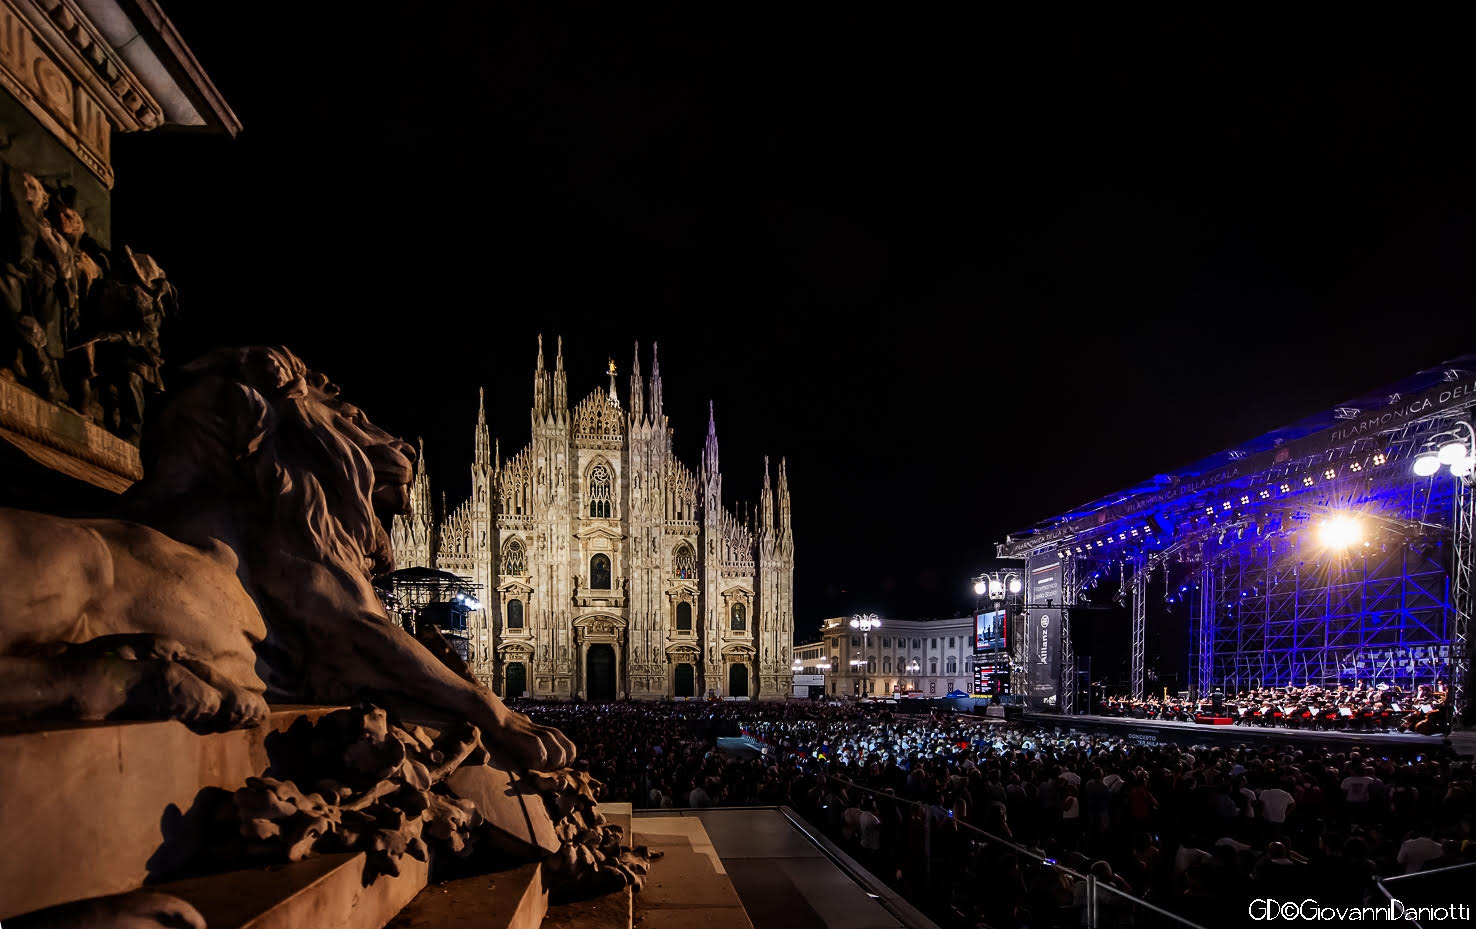 La Scala's overflow